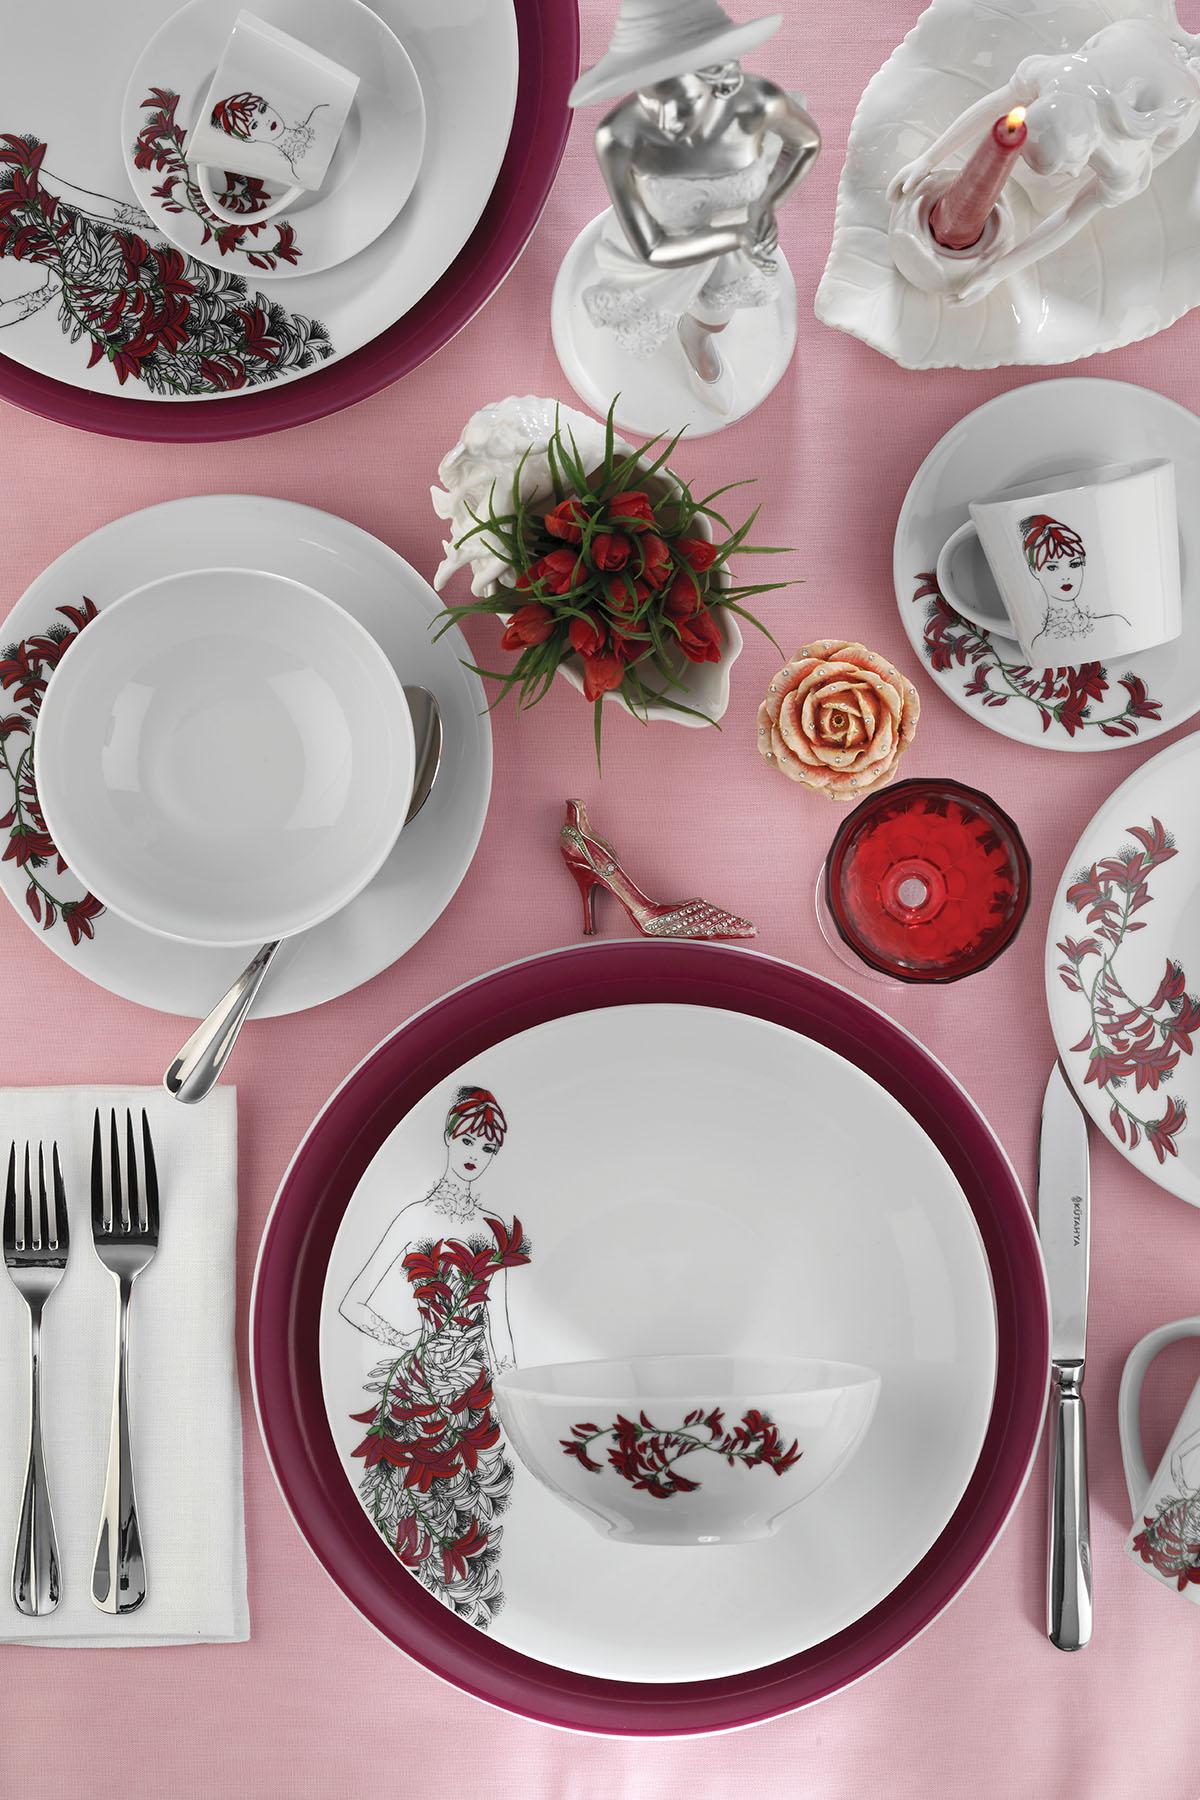 Kütahya Porselen - Kütahya Porselen Kadınlarım Serisi 9445 Desen 24 Parça Yemek Seti